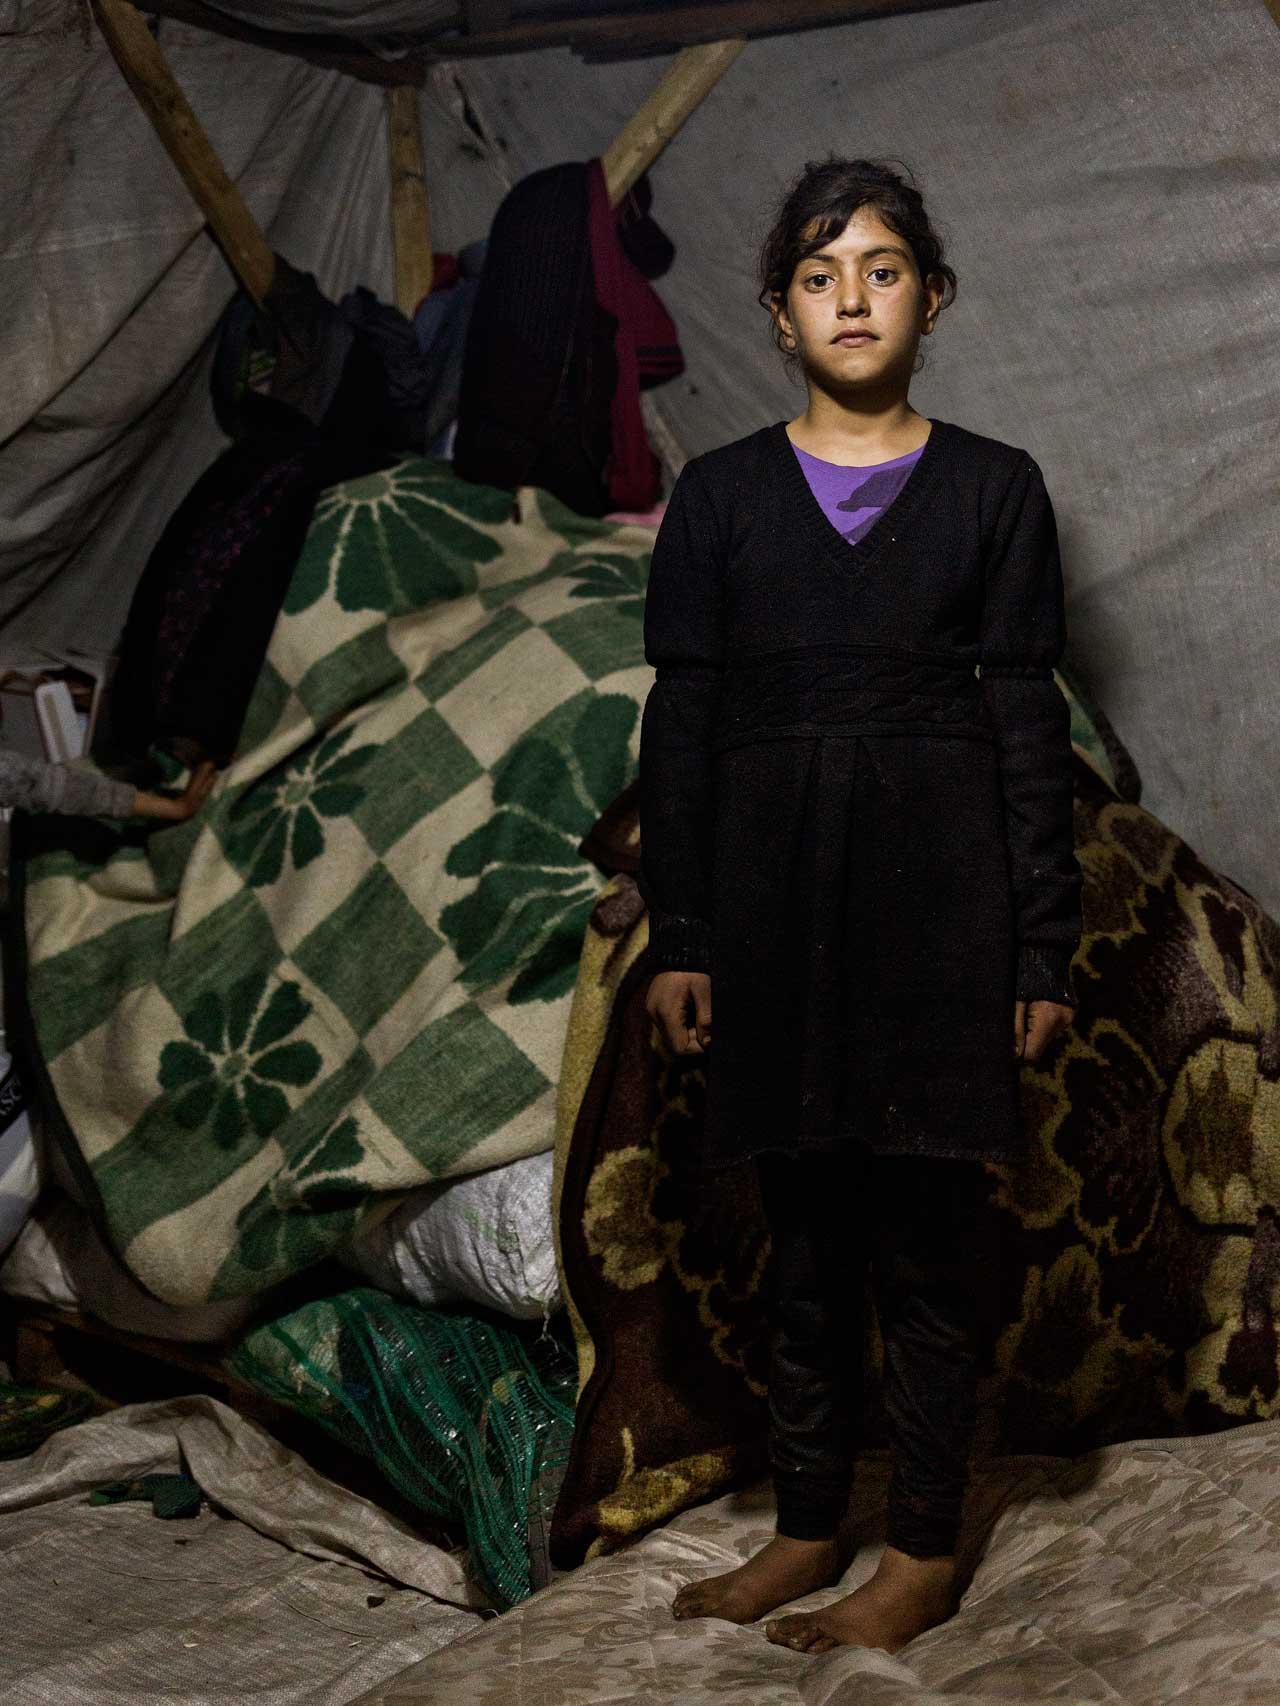 Buesra, 11, lebt mit ihrer Familie in Torbali, Izmir, in einem Zelt. Seit ihrer Flucht im Dezember 2015 aus der Nähe von Kobane in Nordsyrien hat sie keine Schule mehr besucht – stattdessen arbeitet sie jetzt mit anderen Kindern als Erntehelferin. Foto: Murat Türemis